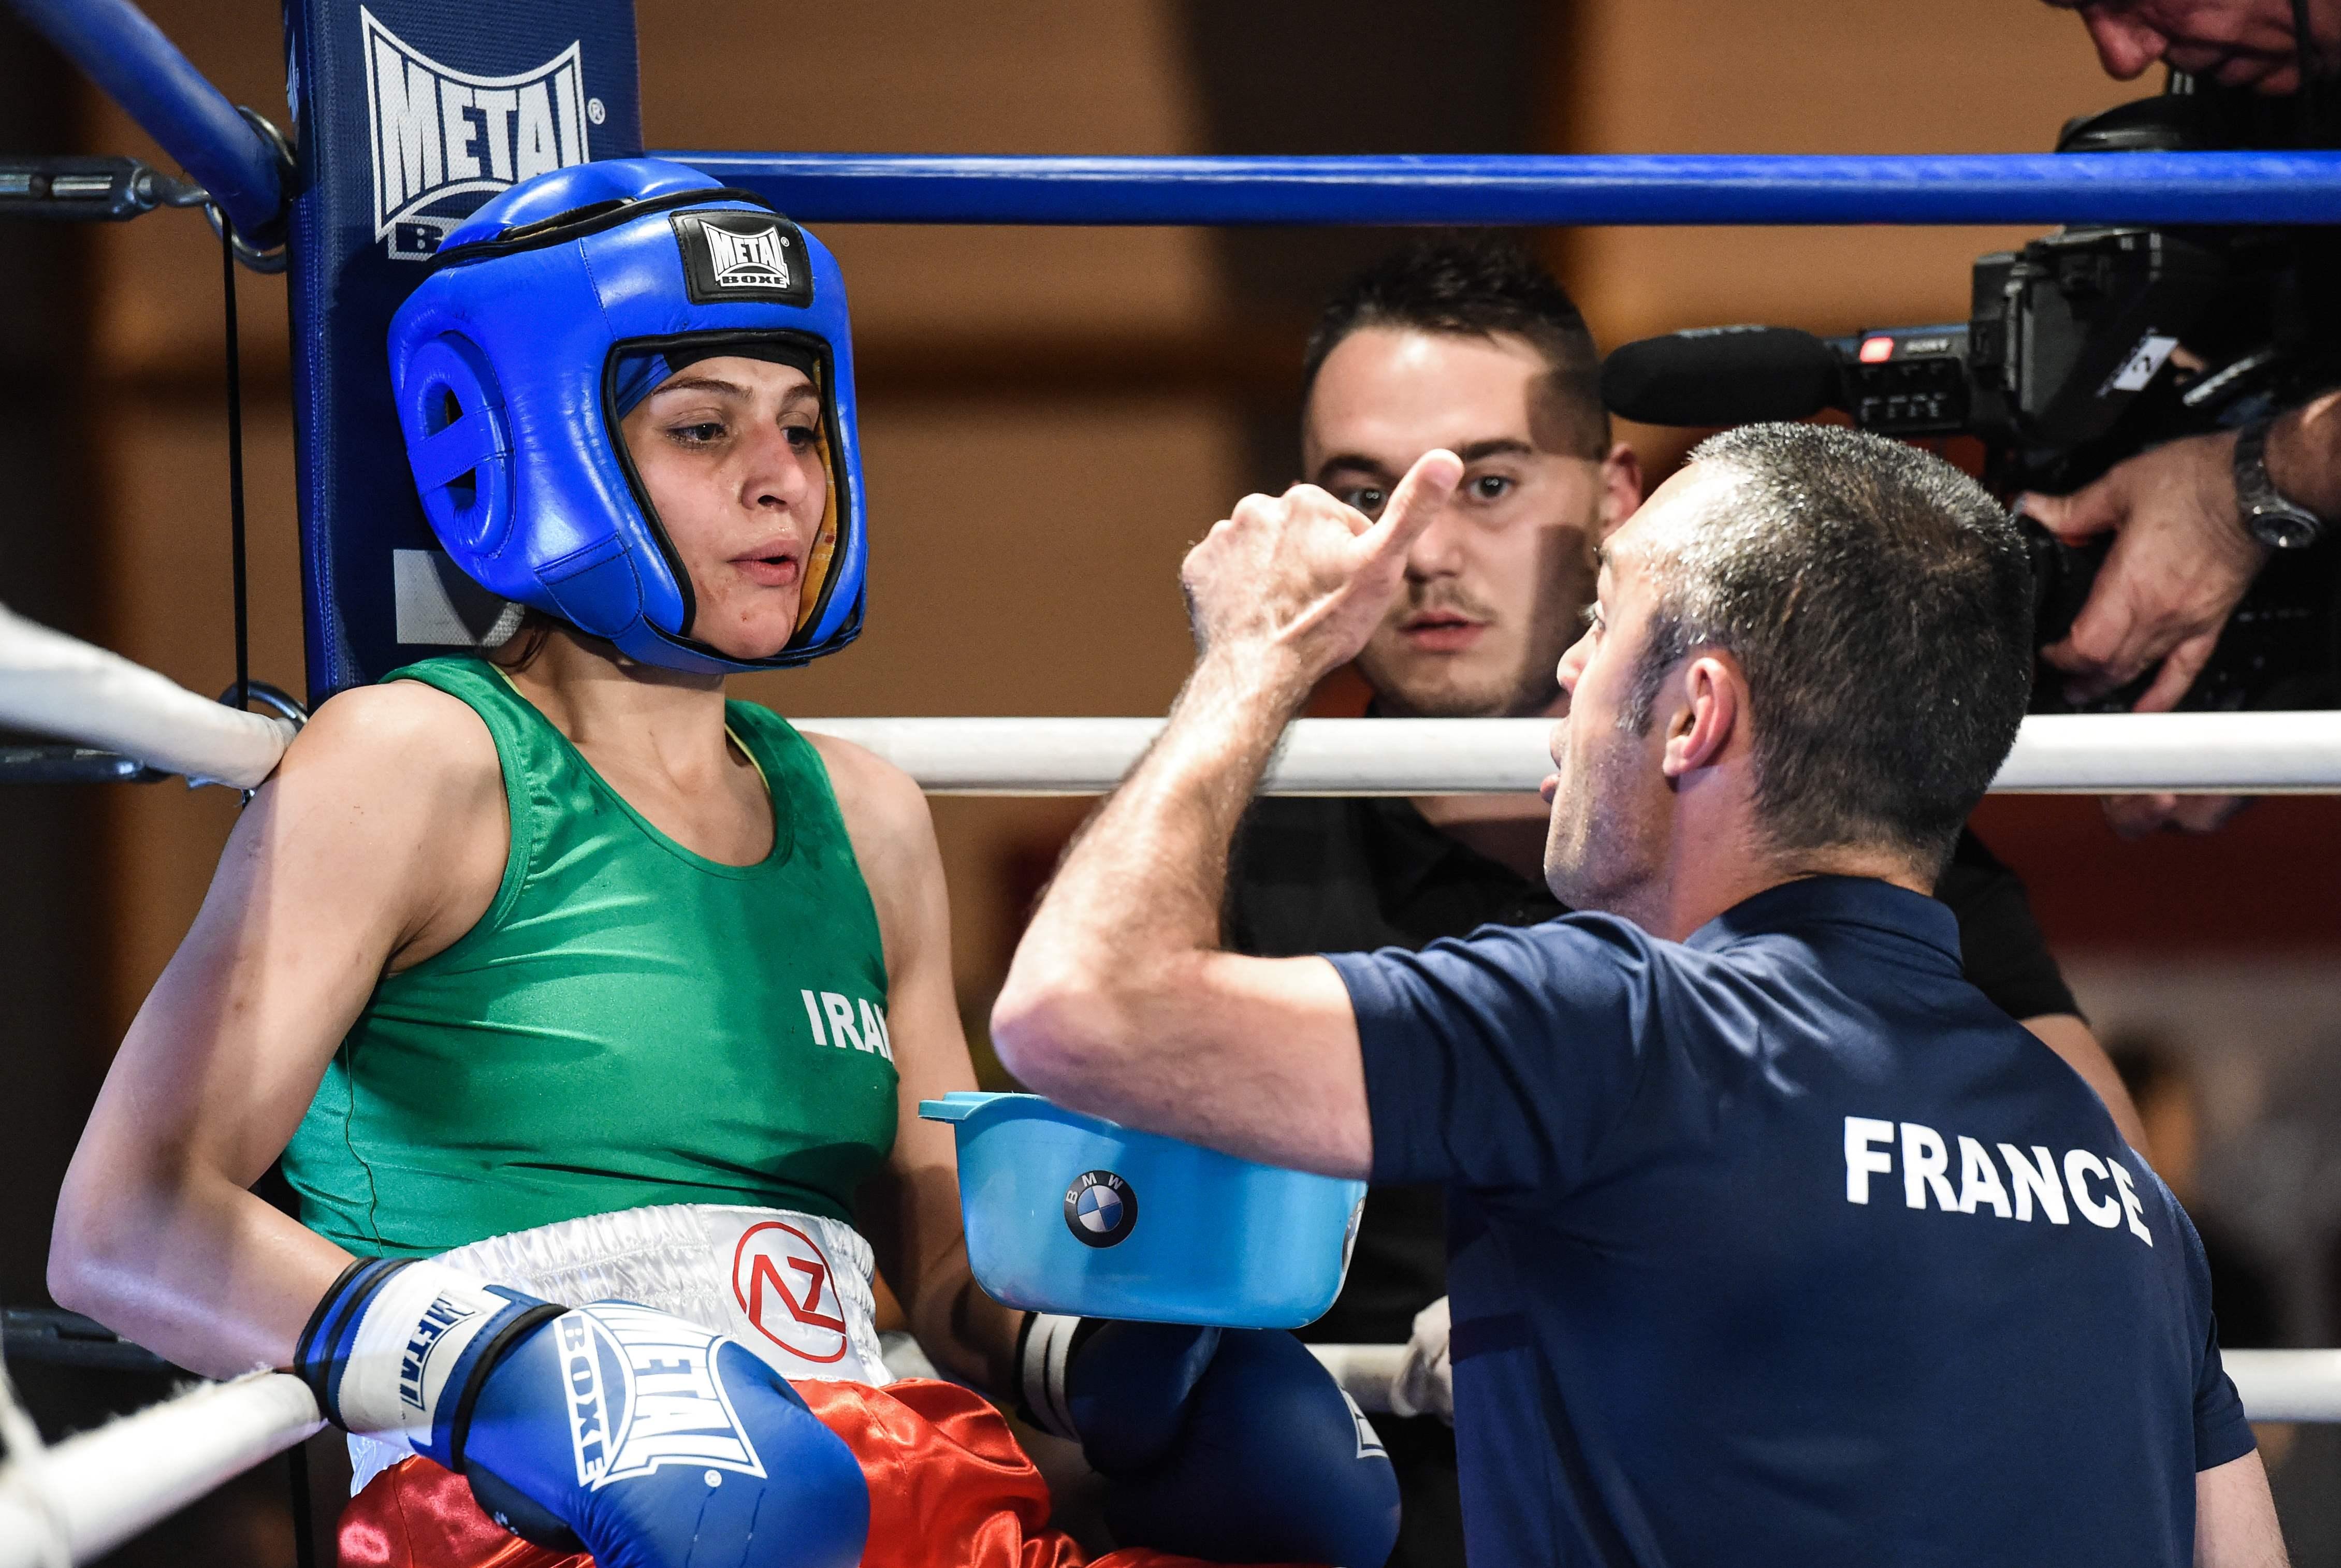 Boxe - Un mandat d'arrêt émis contre Mahyar Monshipour en Iran